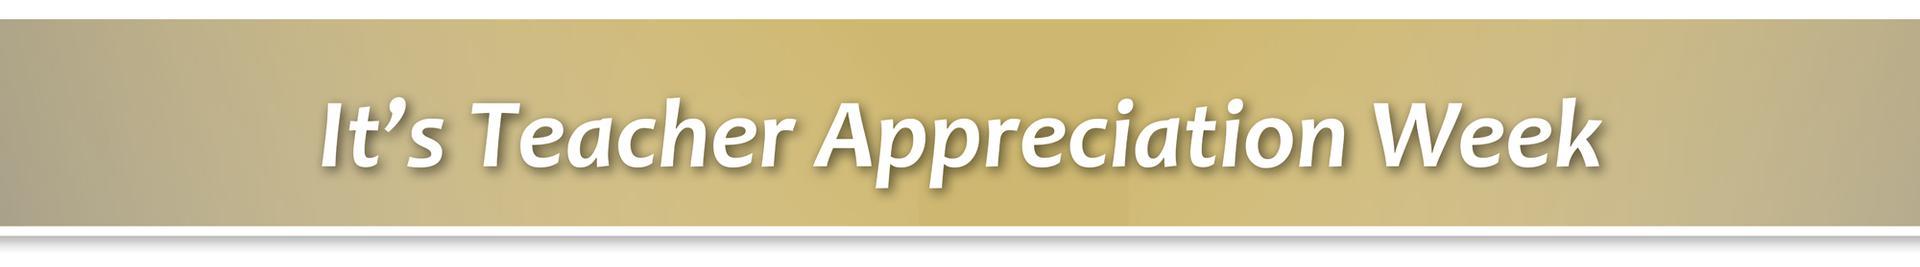 Fridley Teacher Appreciation Week